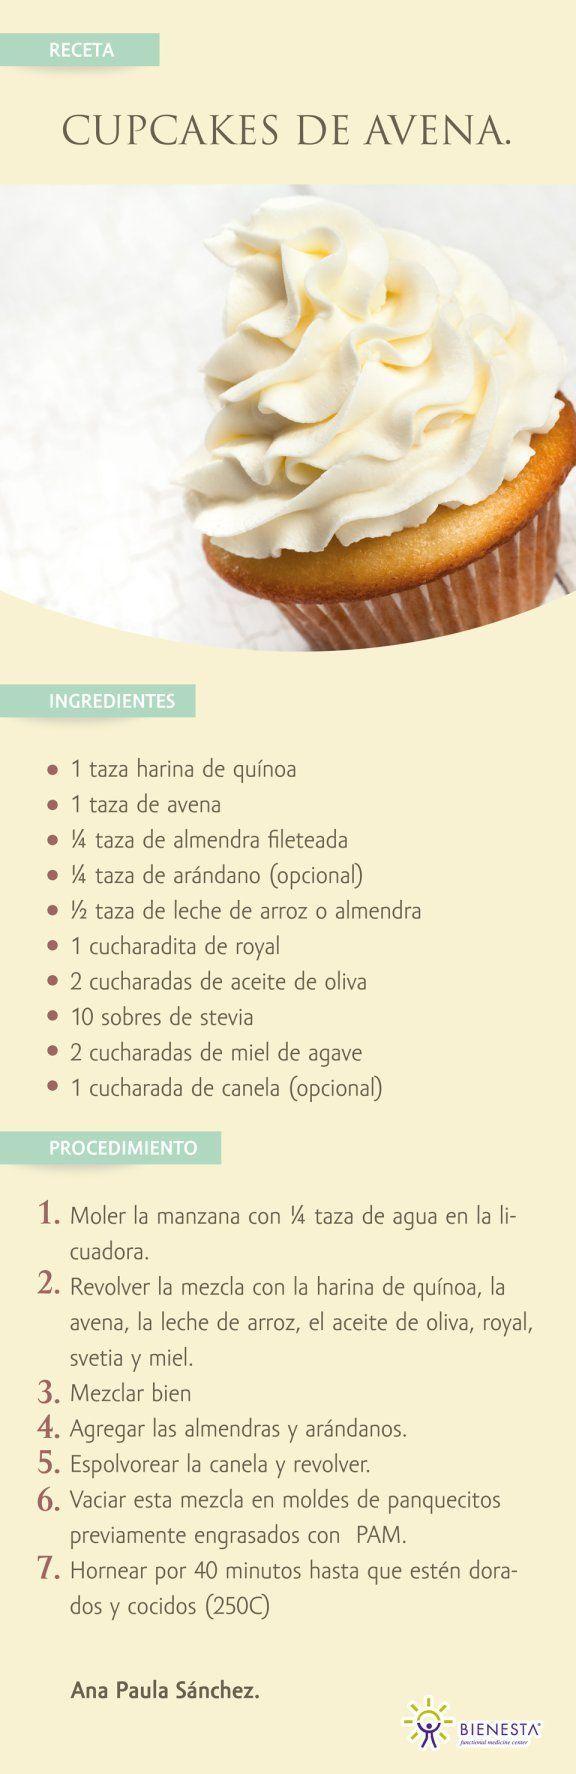 CUPCAKES DE AVENA Bienesta | https://lomejordelaweb.es/